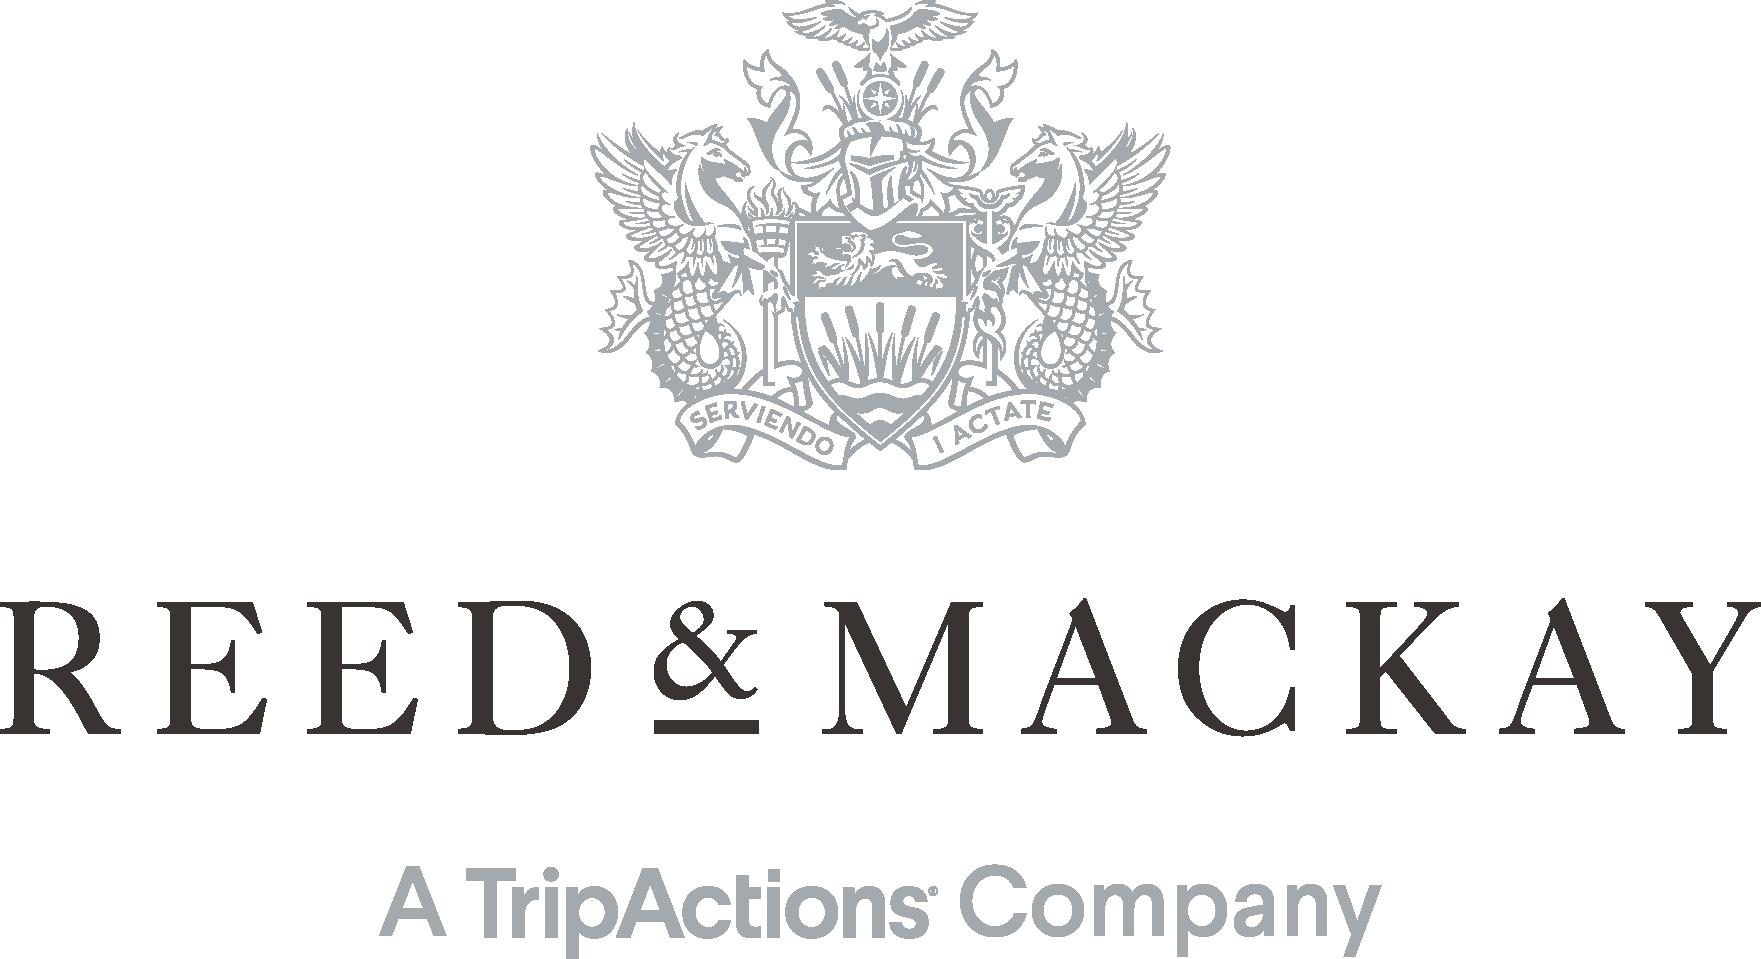 Reed & Mackay Travel